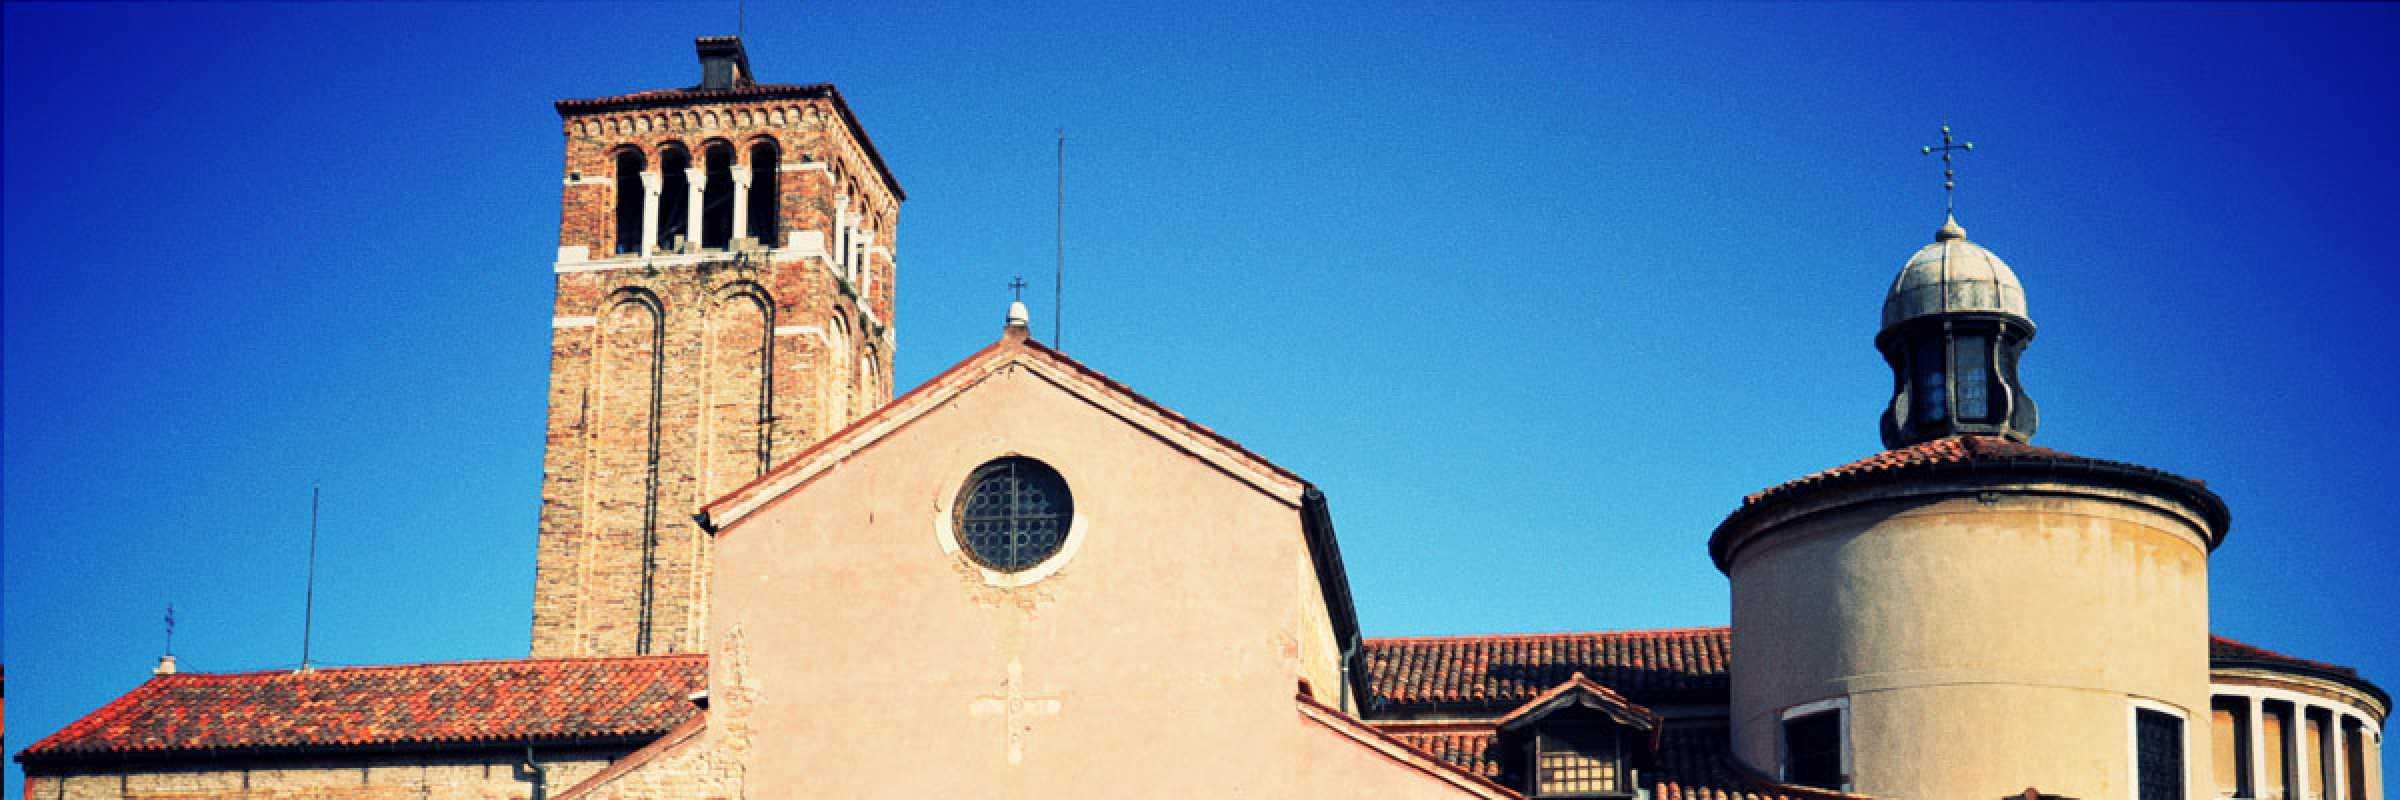 Church of San Giacomo dall'Orio